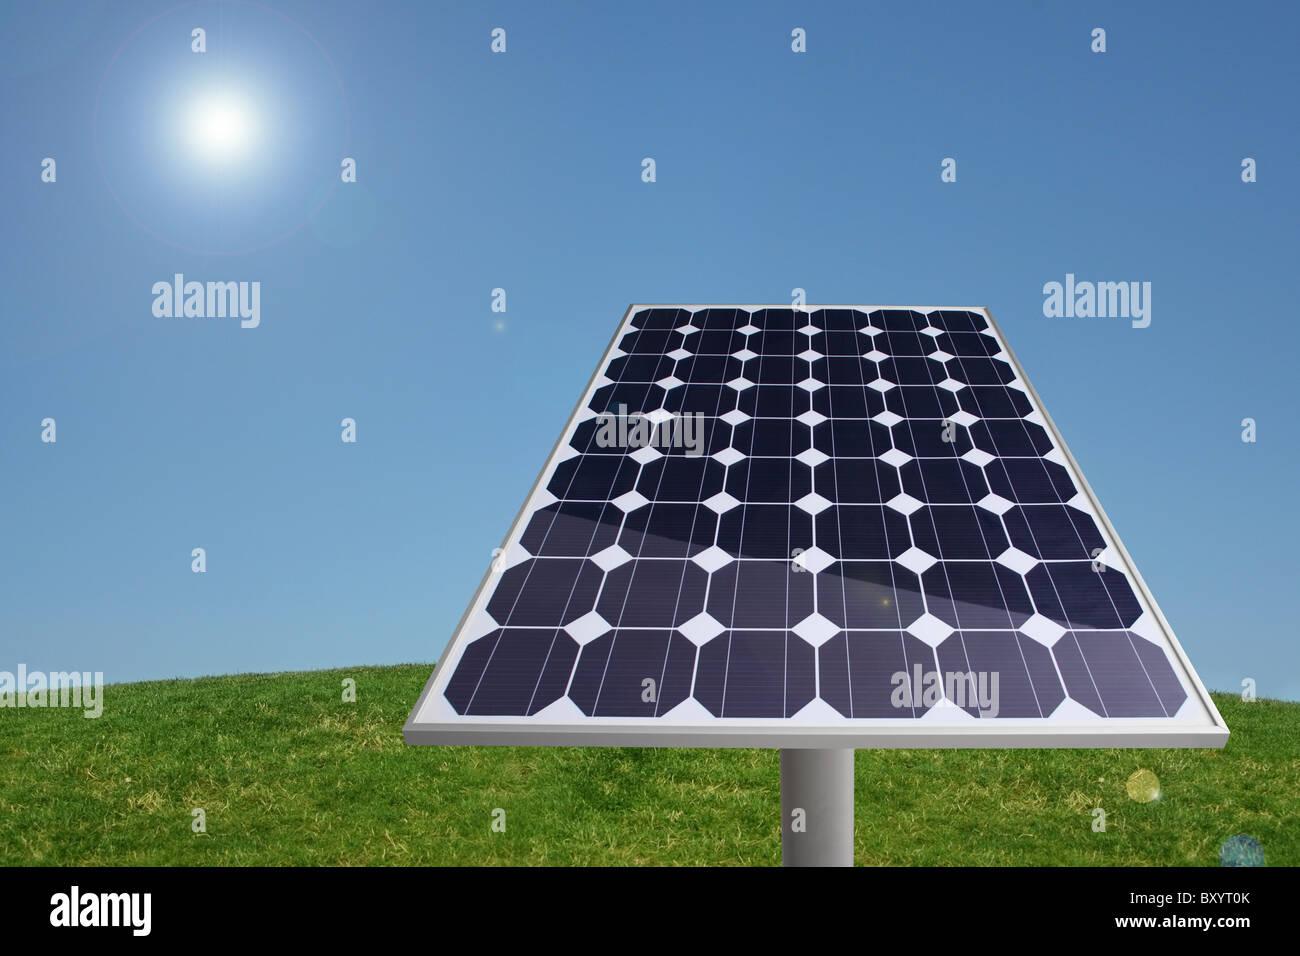 Panel solar en la hierba con el cielo azul Imagen De Stock